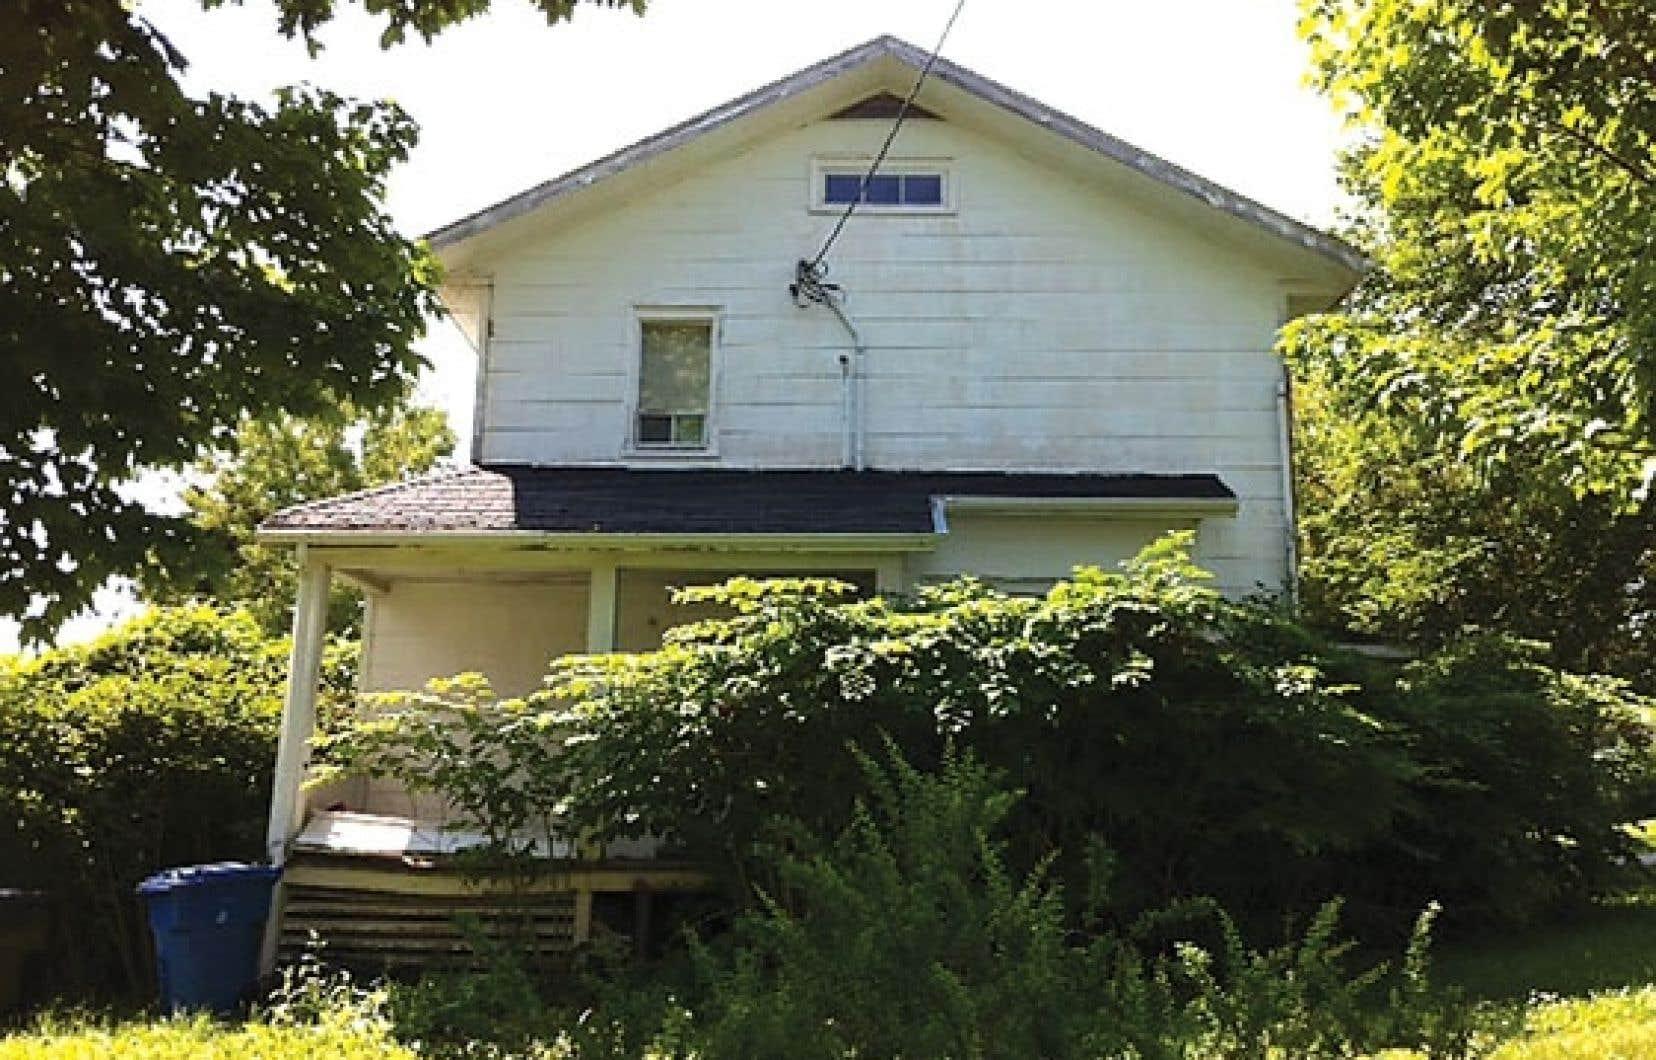 Malgré le fait que cette maison a été classée « immeuble patrimonial » à l'automne 2012 et « monument historique » en 1995, le gouvernement n'y a porté aucune attention particulière sur le plan de la restauration.